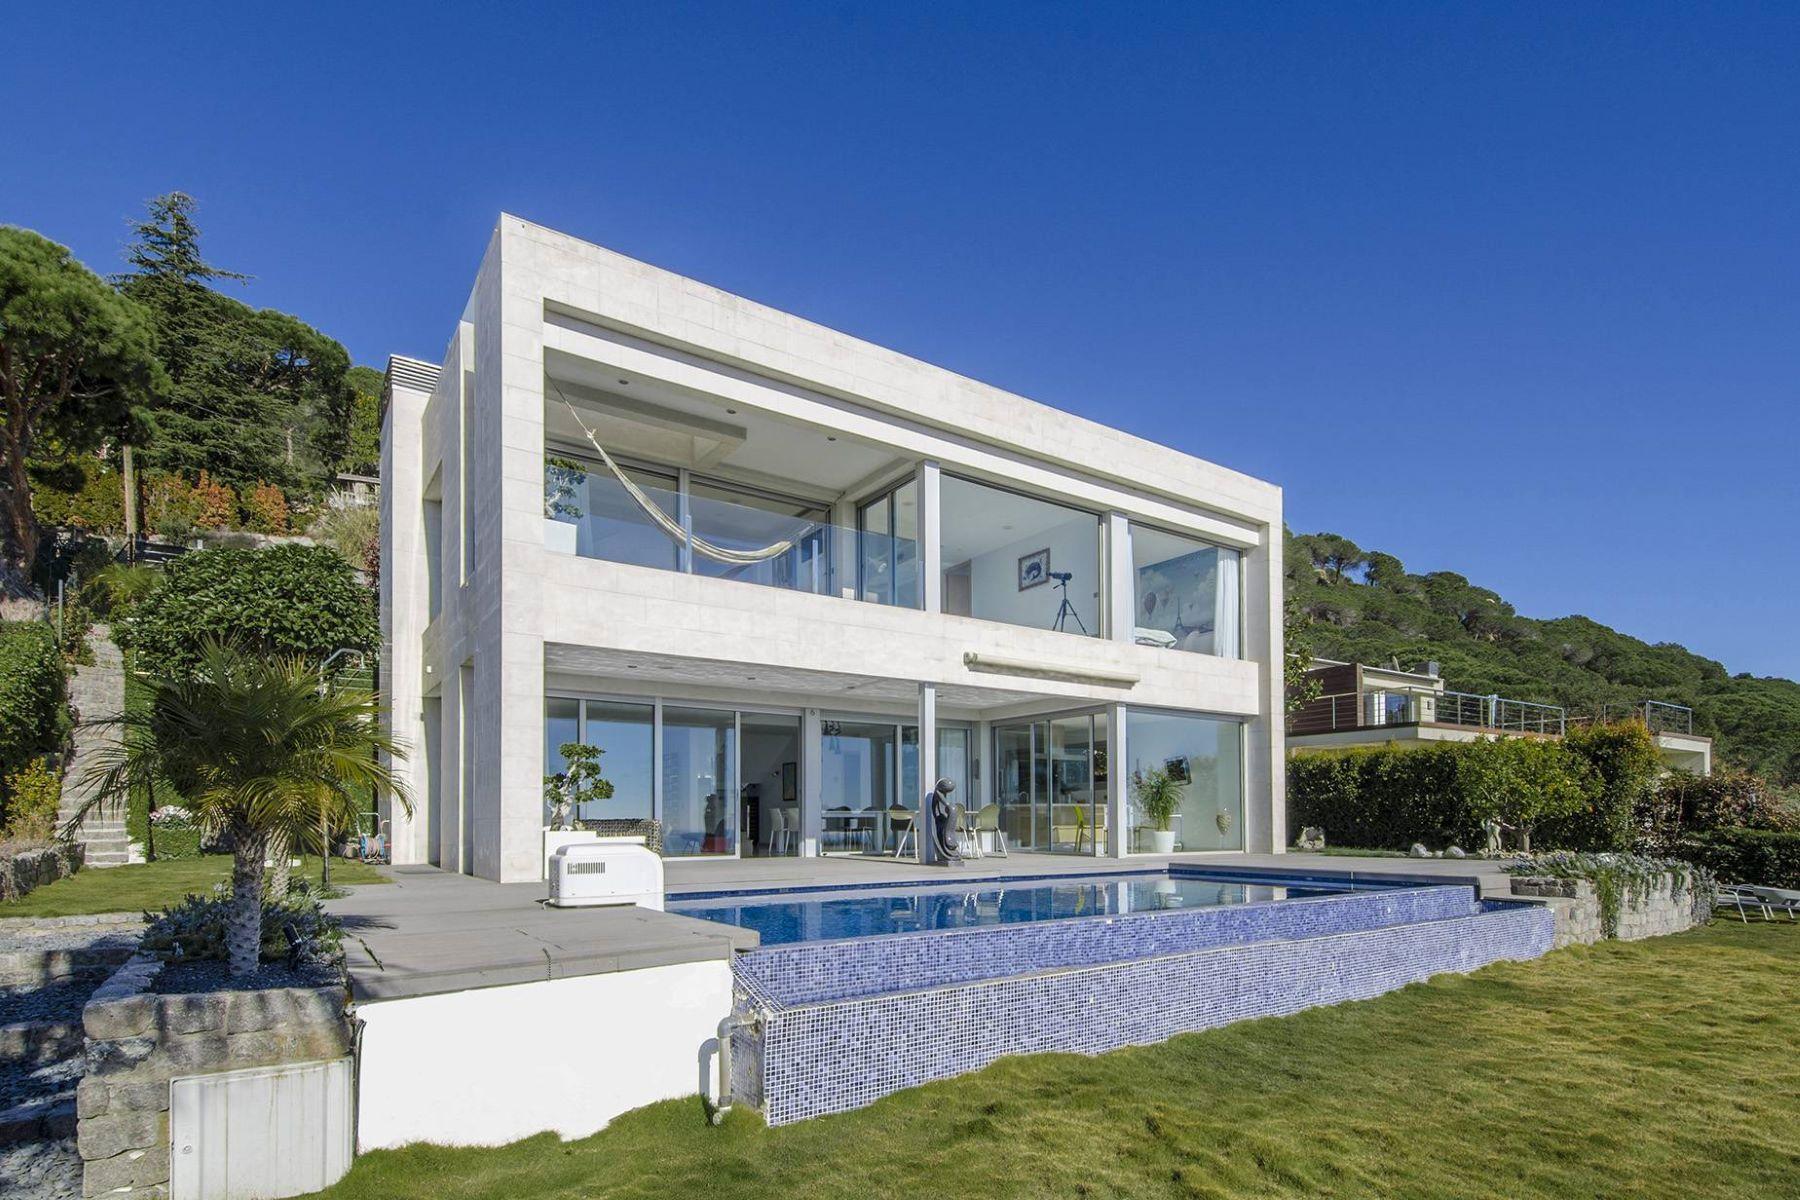 独户住宅 为 销售 在 A Modern House with Spectacular Sea Views 卡弗里尔斯, 巴塞罗那, 08348 西班牙